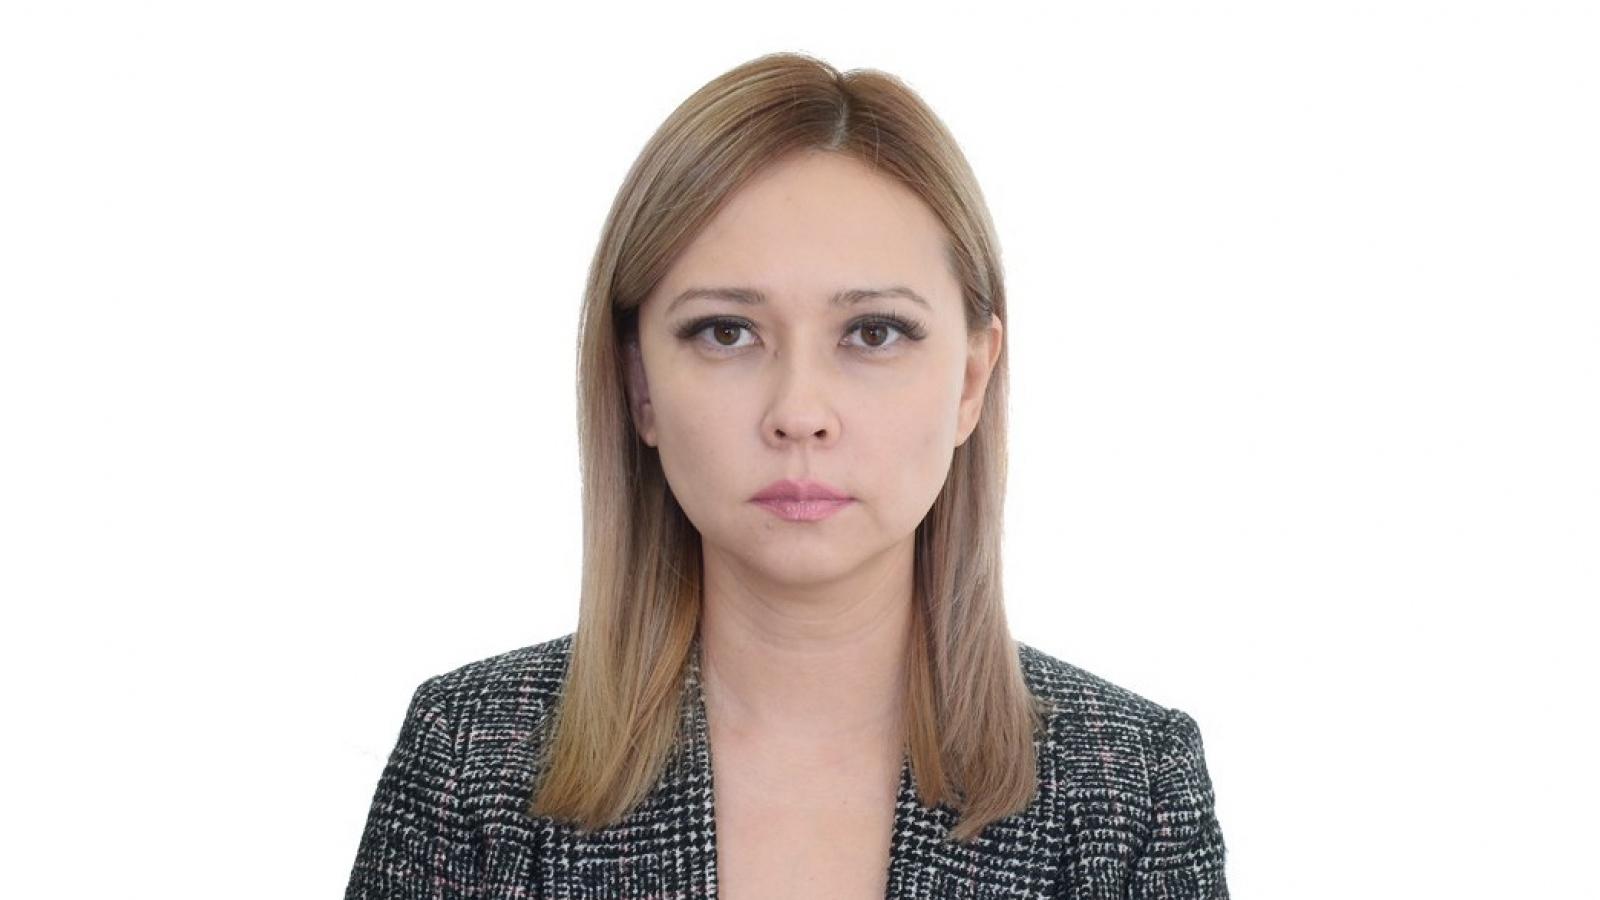 Досье: Пан Наталья Виссарионовна, Вице-министр юстиции